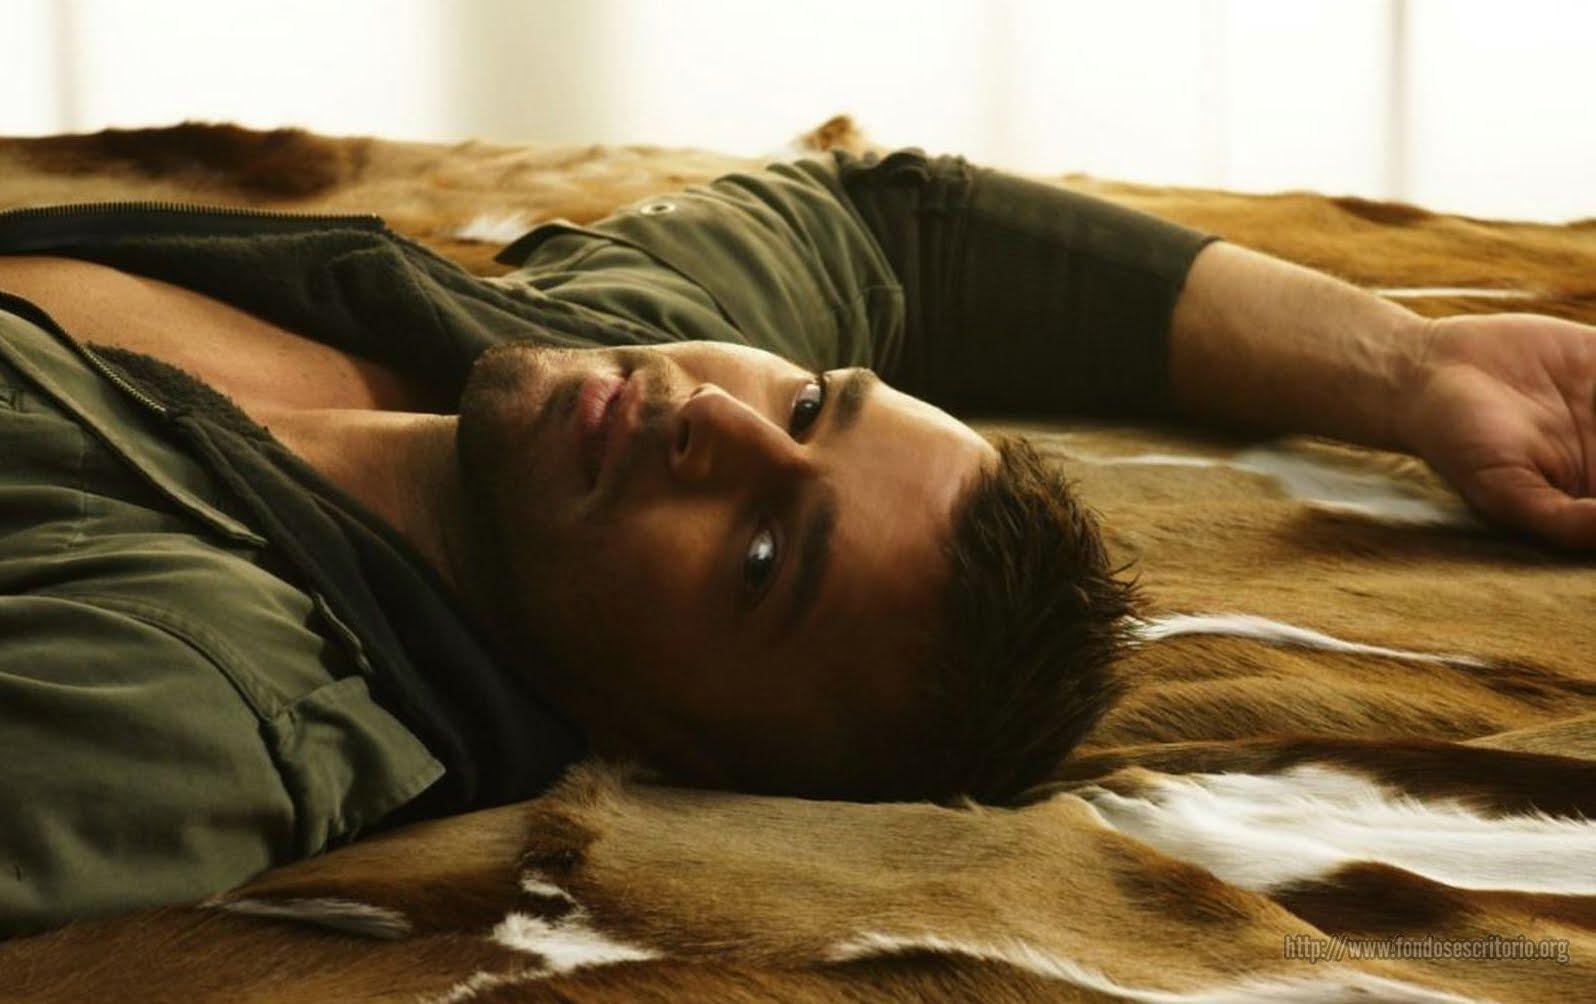 http://3.bp.blogspot.com/_Ne5Lb2SiFHg/S7EmRu8xoEI/AAAAAAAAuX0/s0oP2HjkGM0/s1600/ricky+bed.jpg